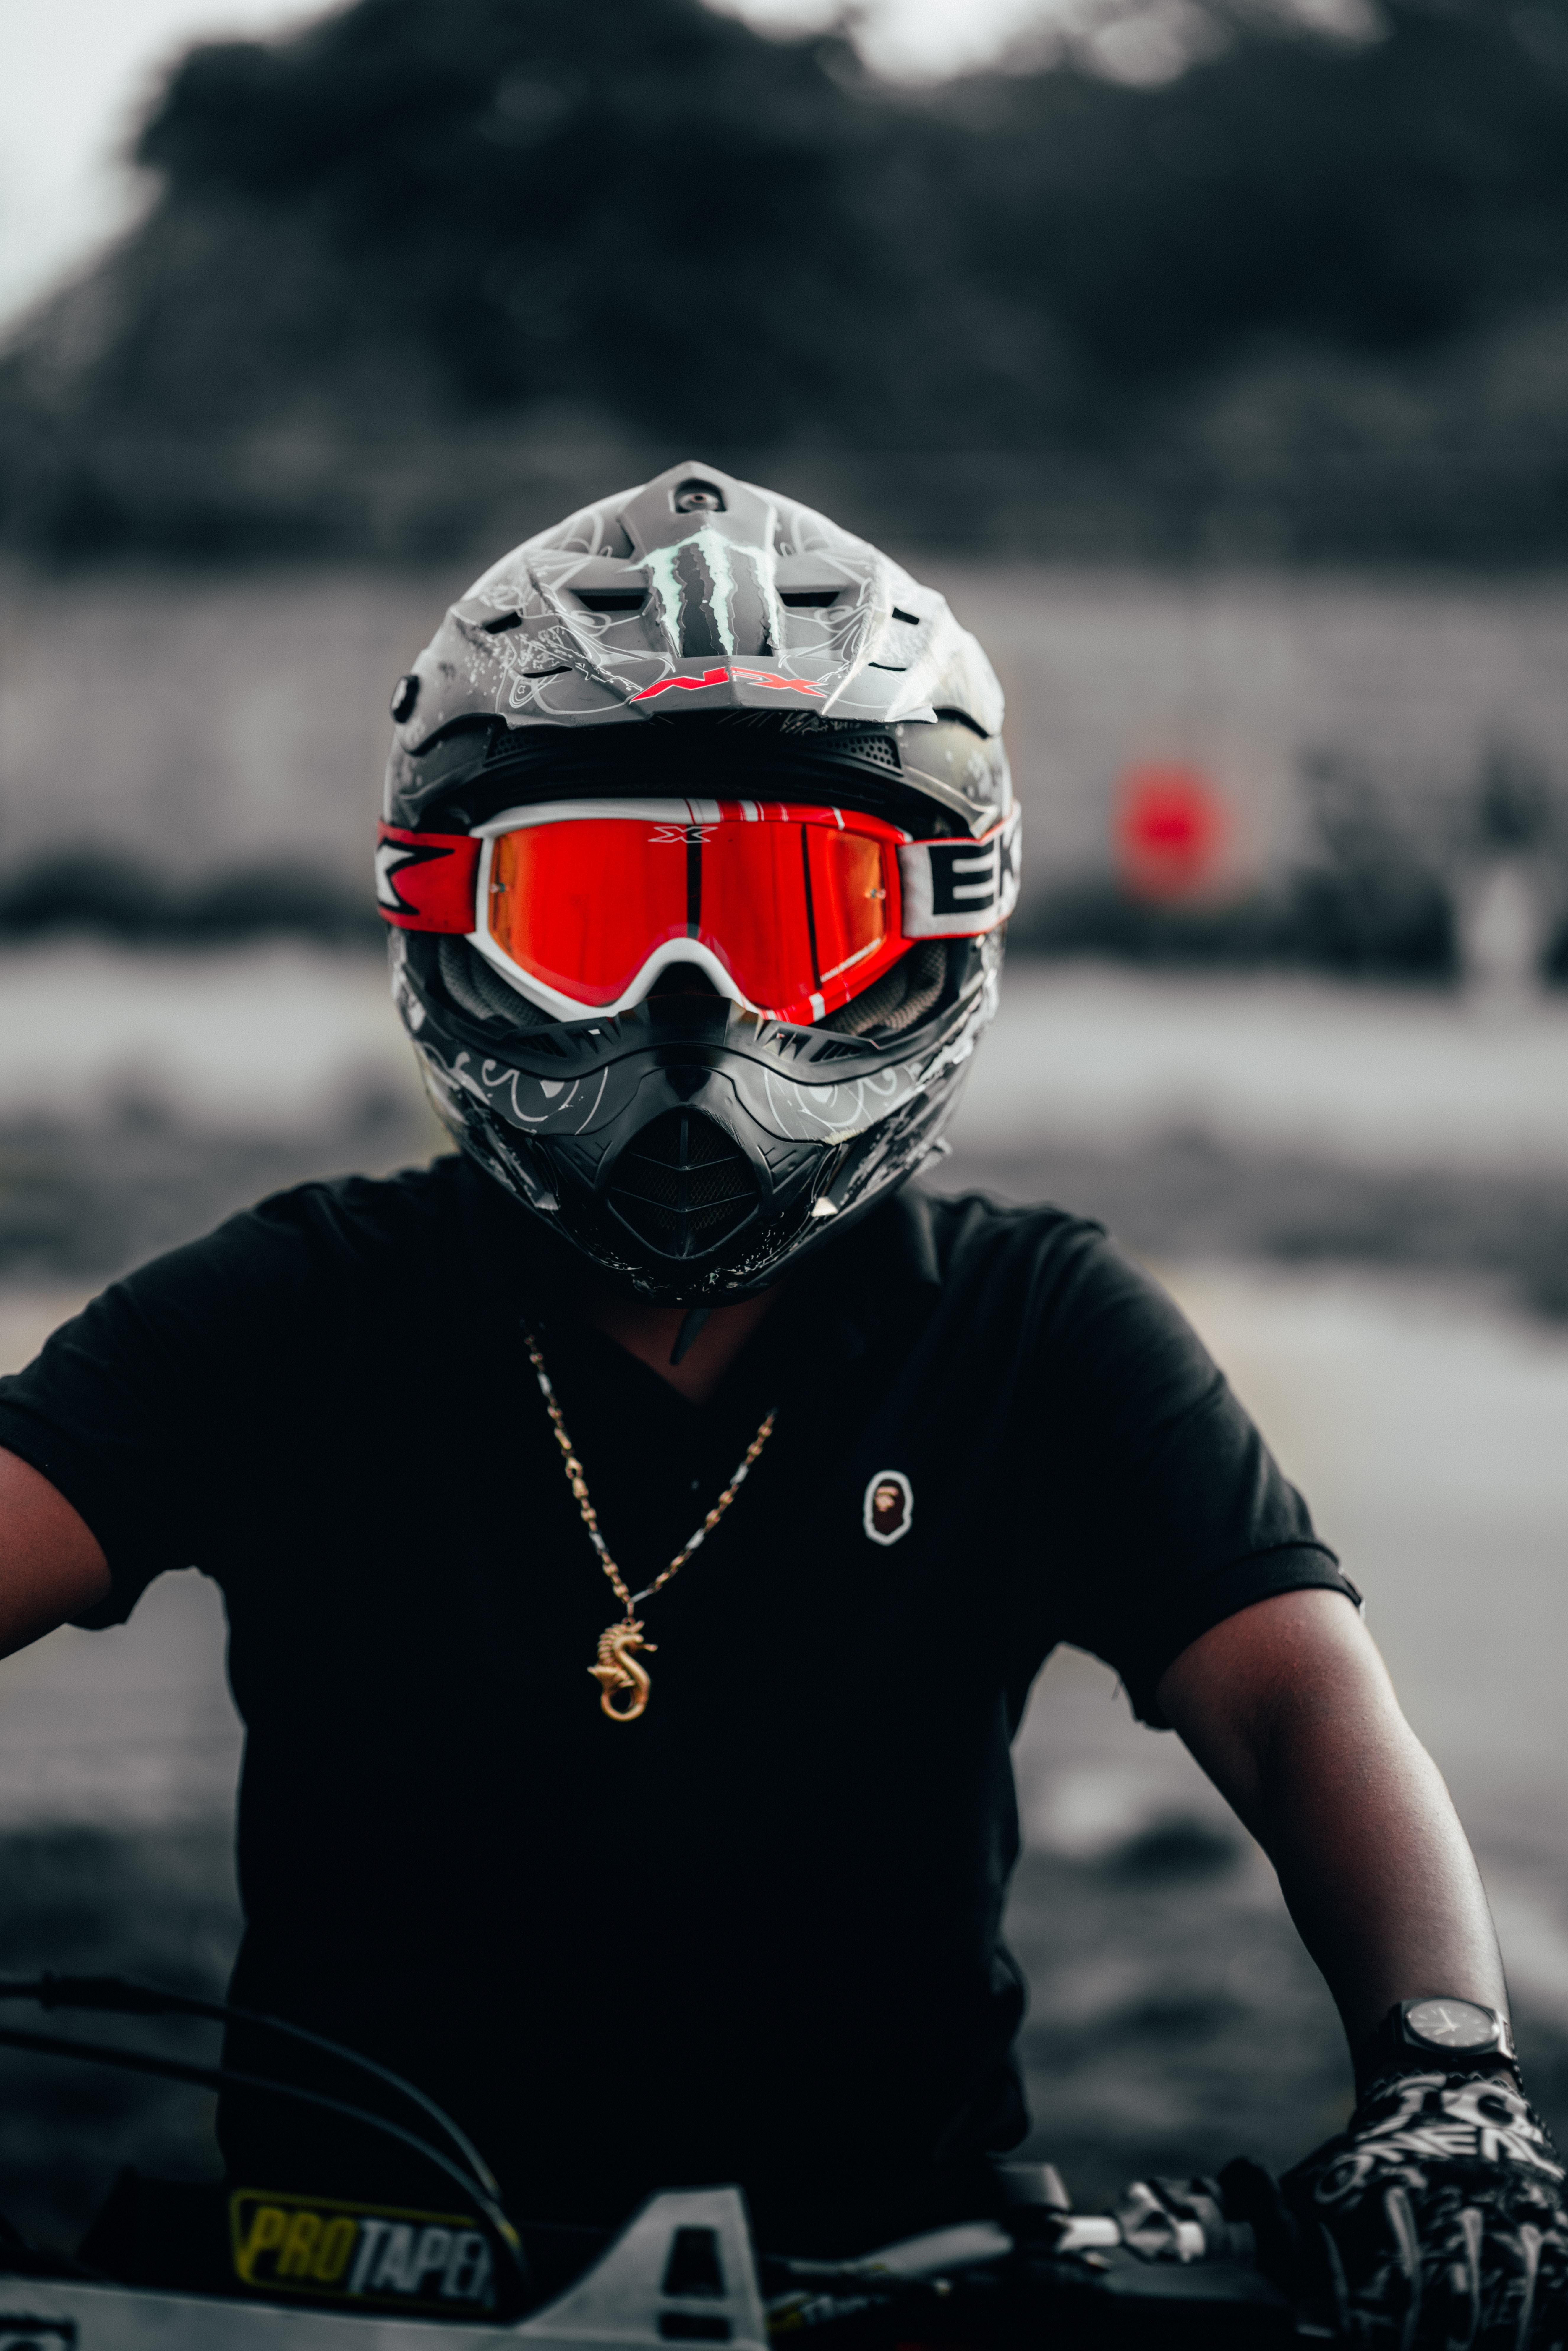 113987 скачать обои Разное, Мотоциклист, Шлем, Очки, Красный - заставки и картинки бесплатно